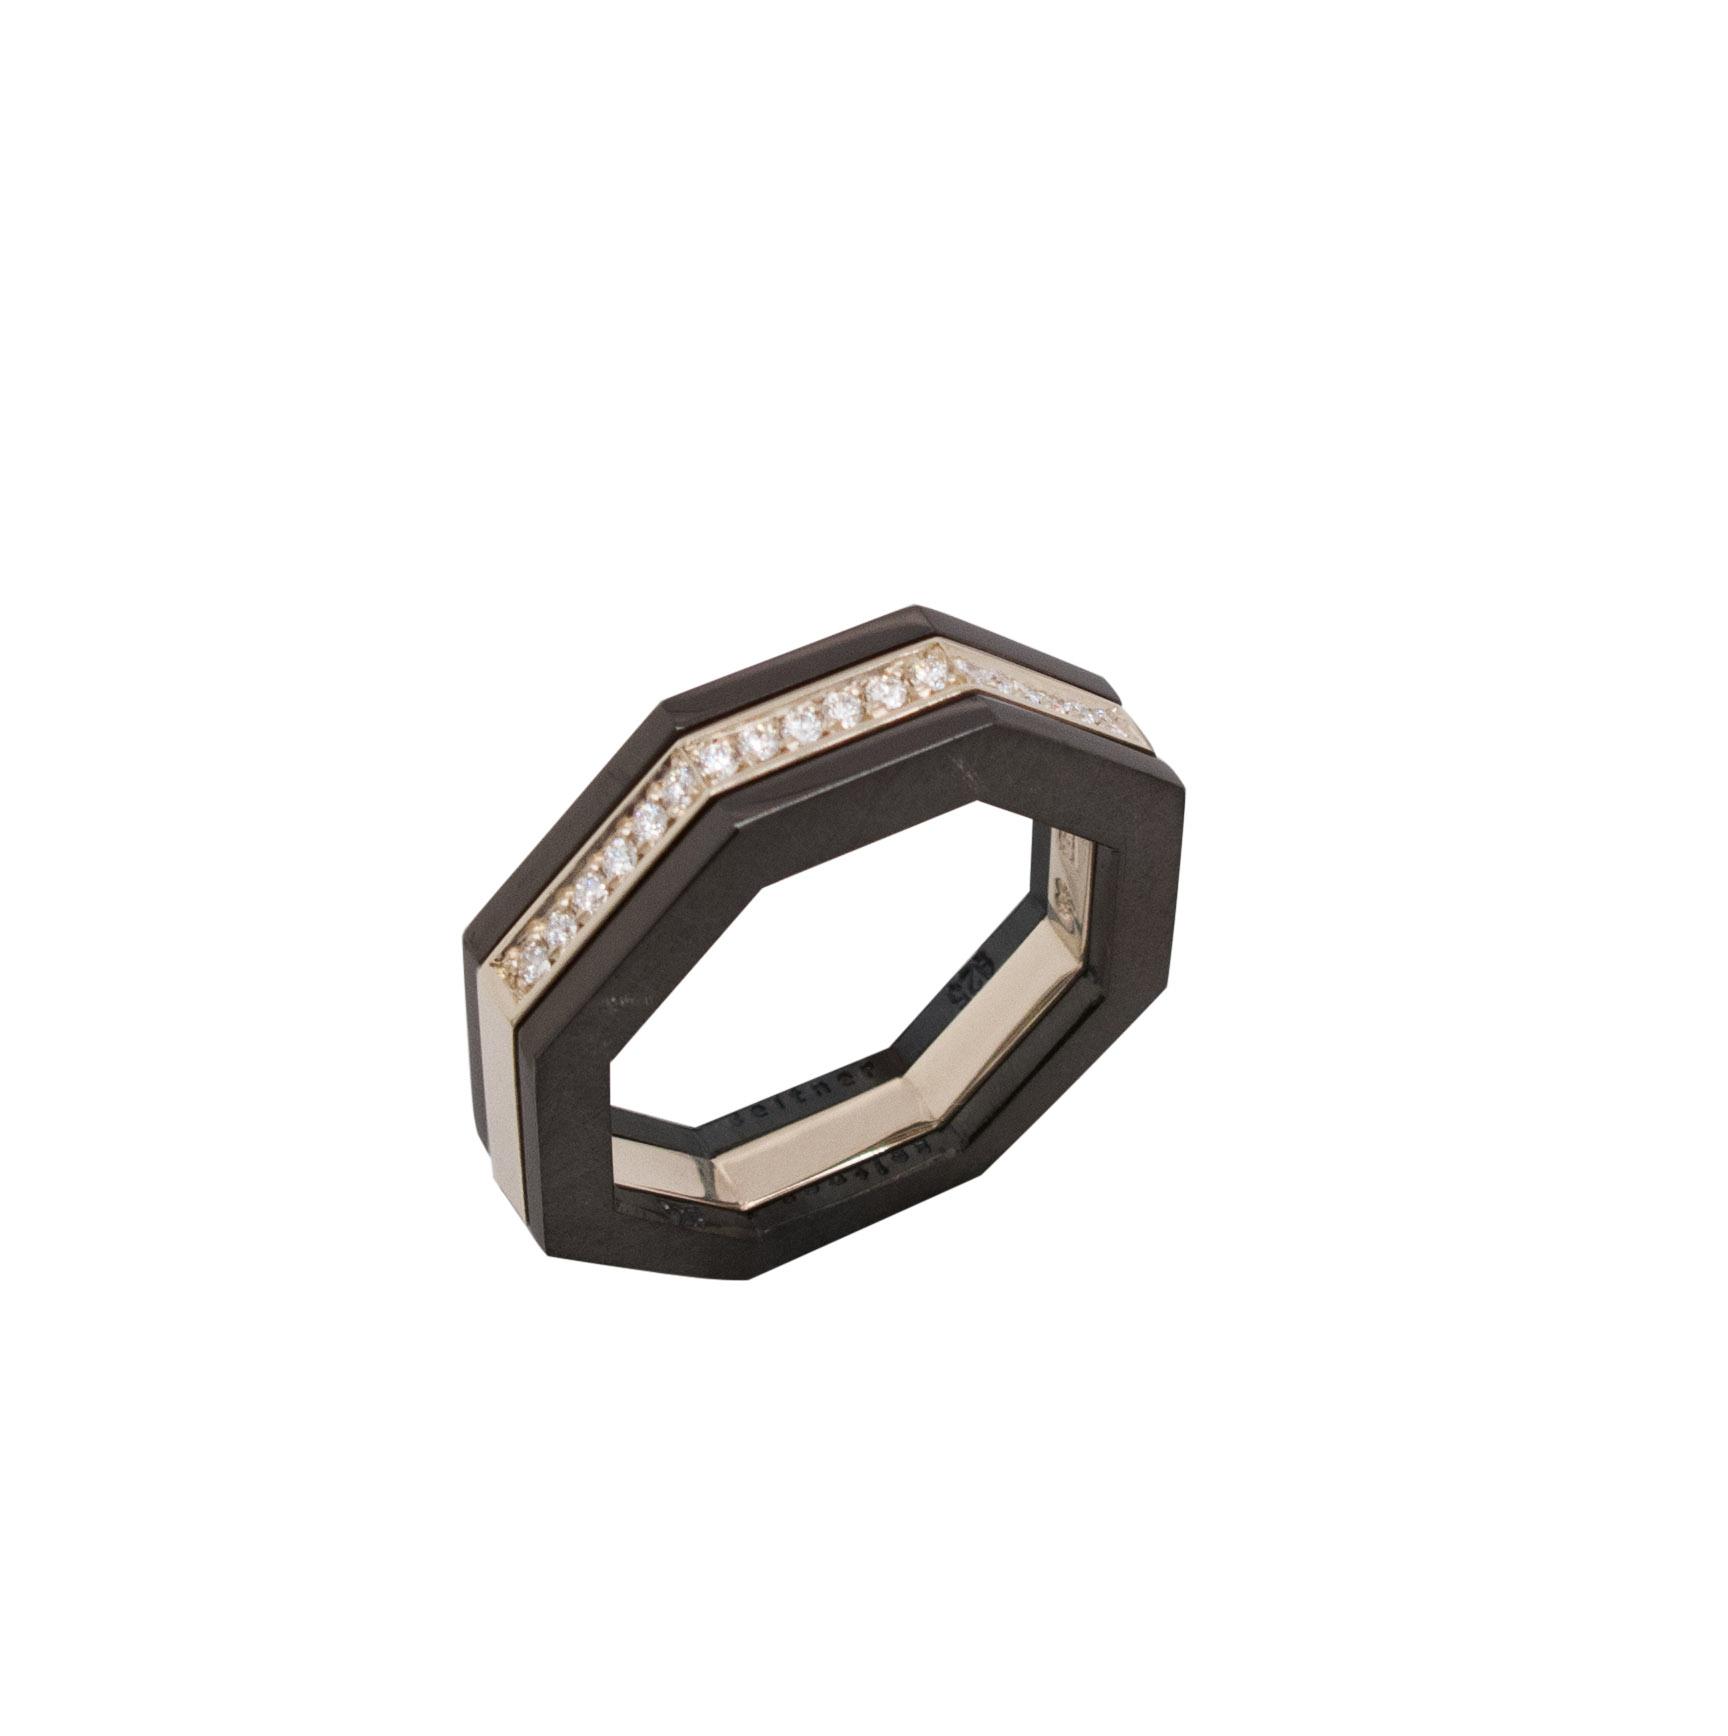 Achteckring aus 18 karat Weißgold 0,13 carat Diamanten 1.300 Euro, Achteckring aus geschwärztem Sterlingsilber à 150 Euro